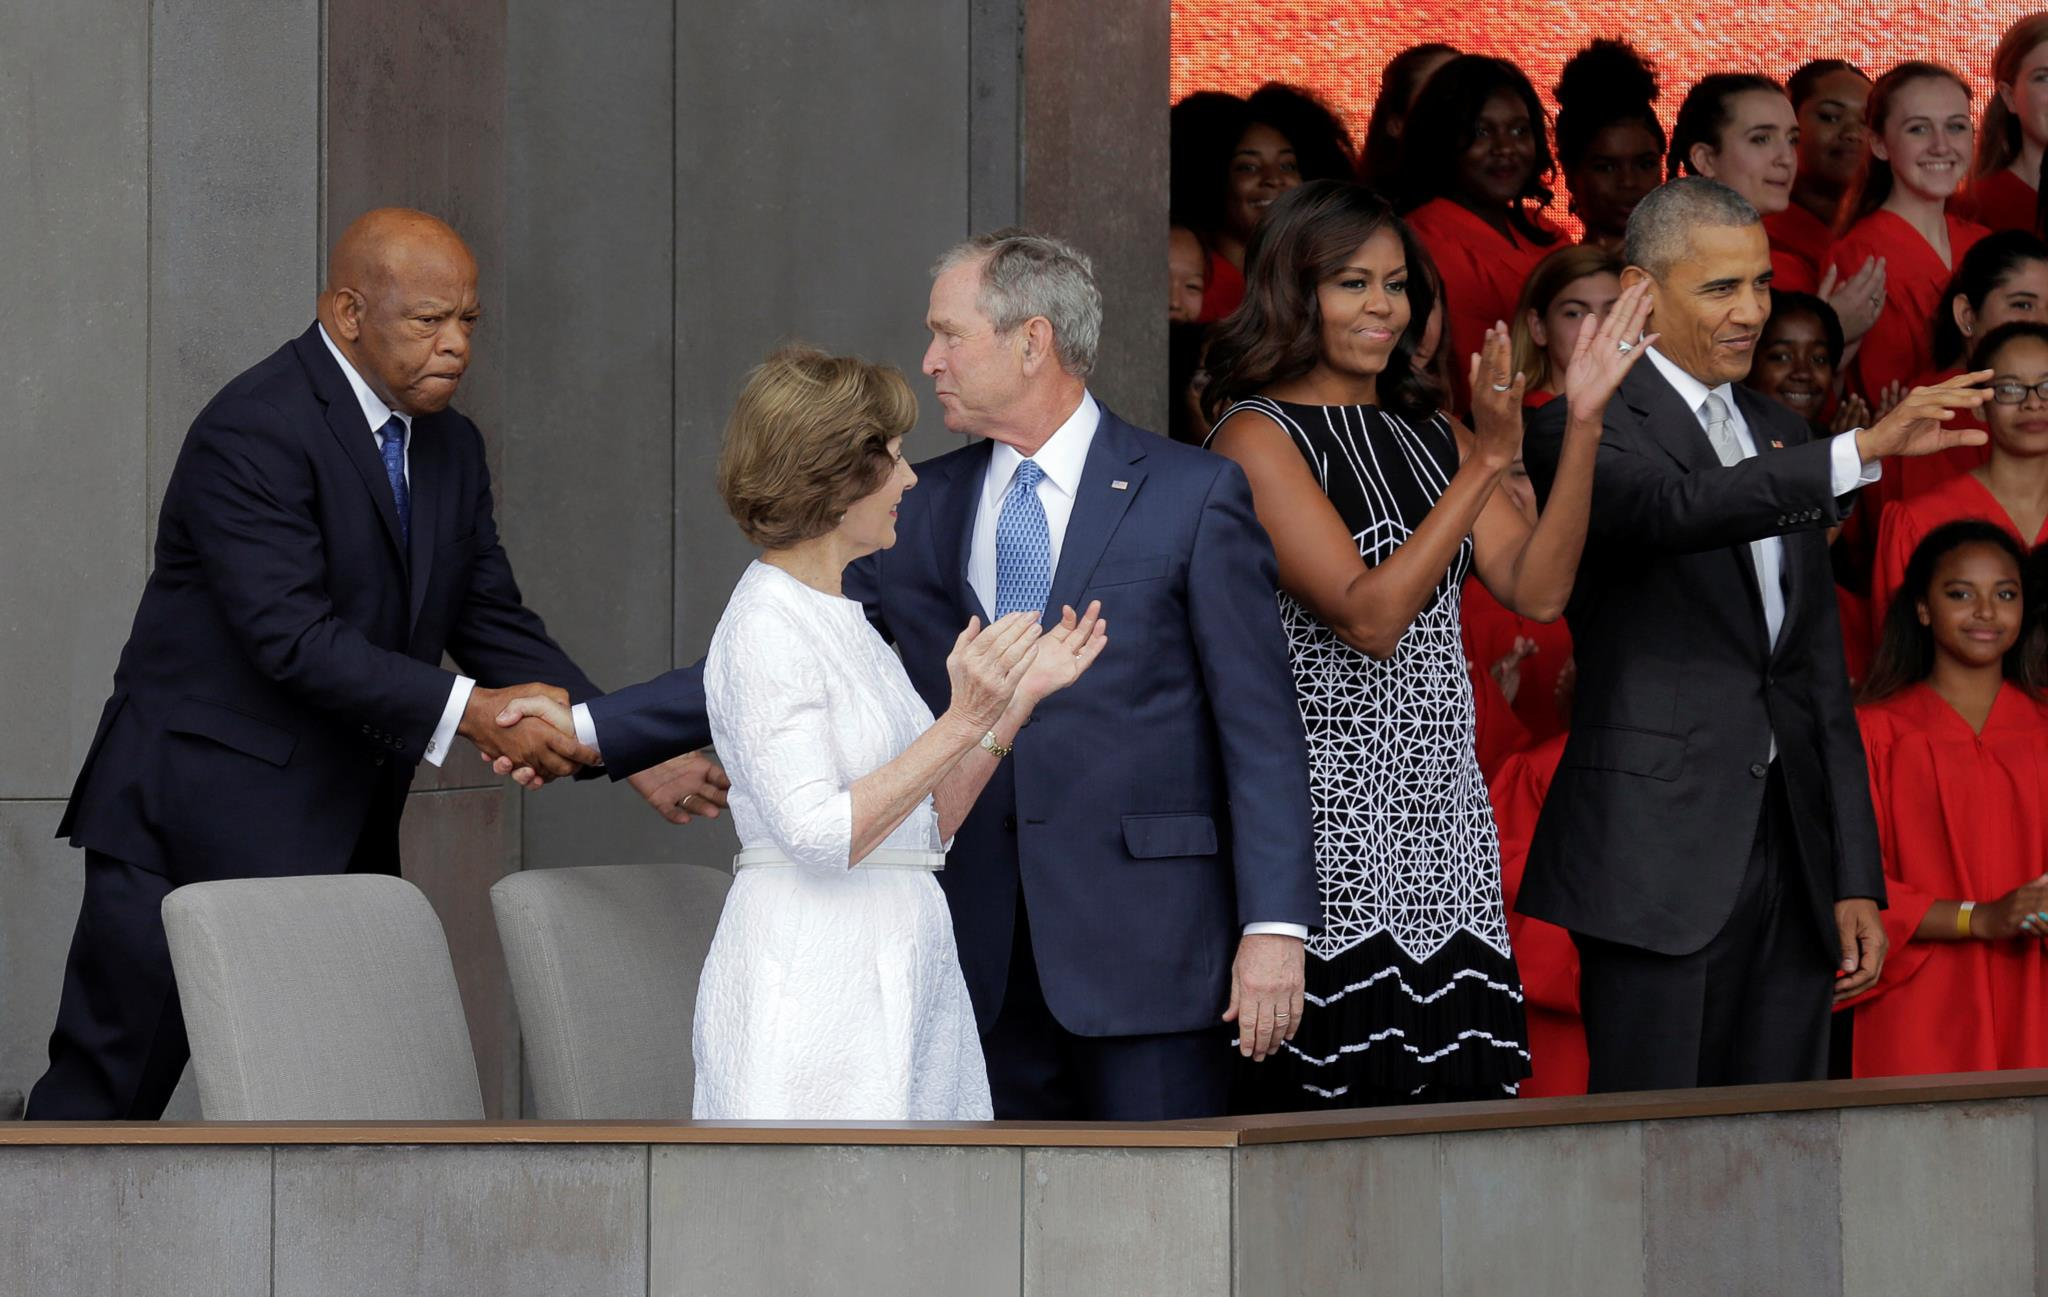 Lewis com Bush e Obama na inauguração do Museu de História Africana